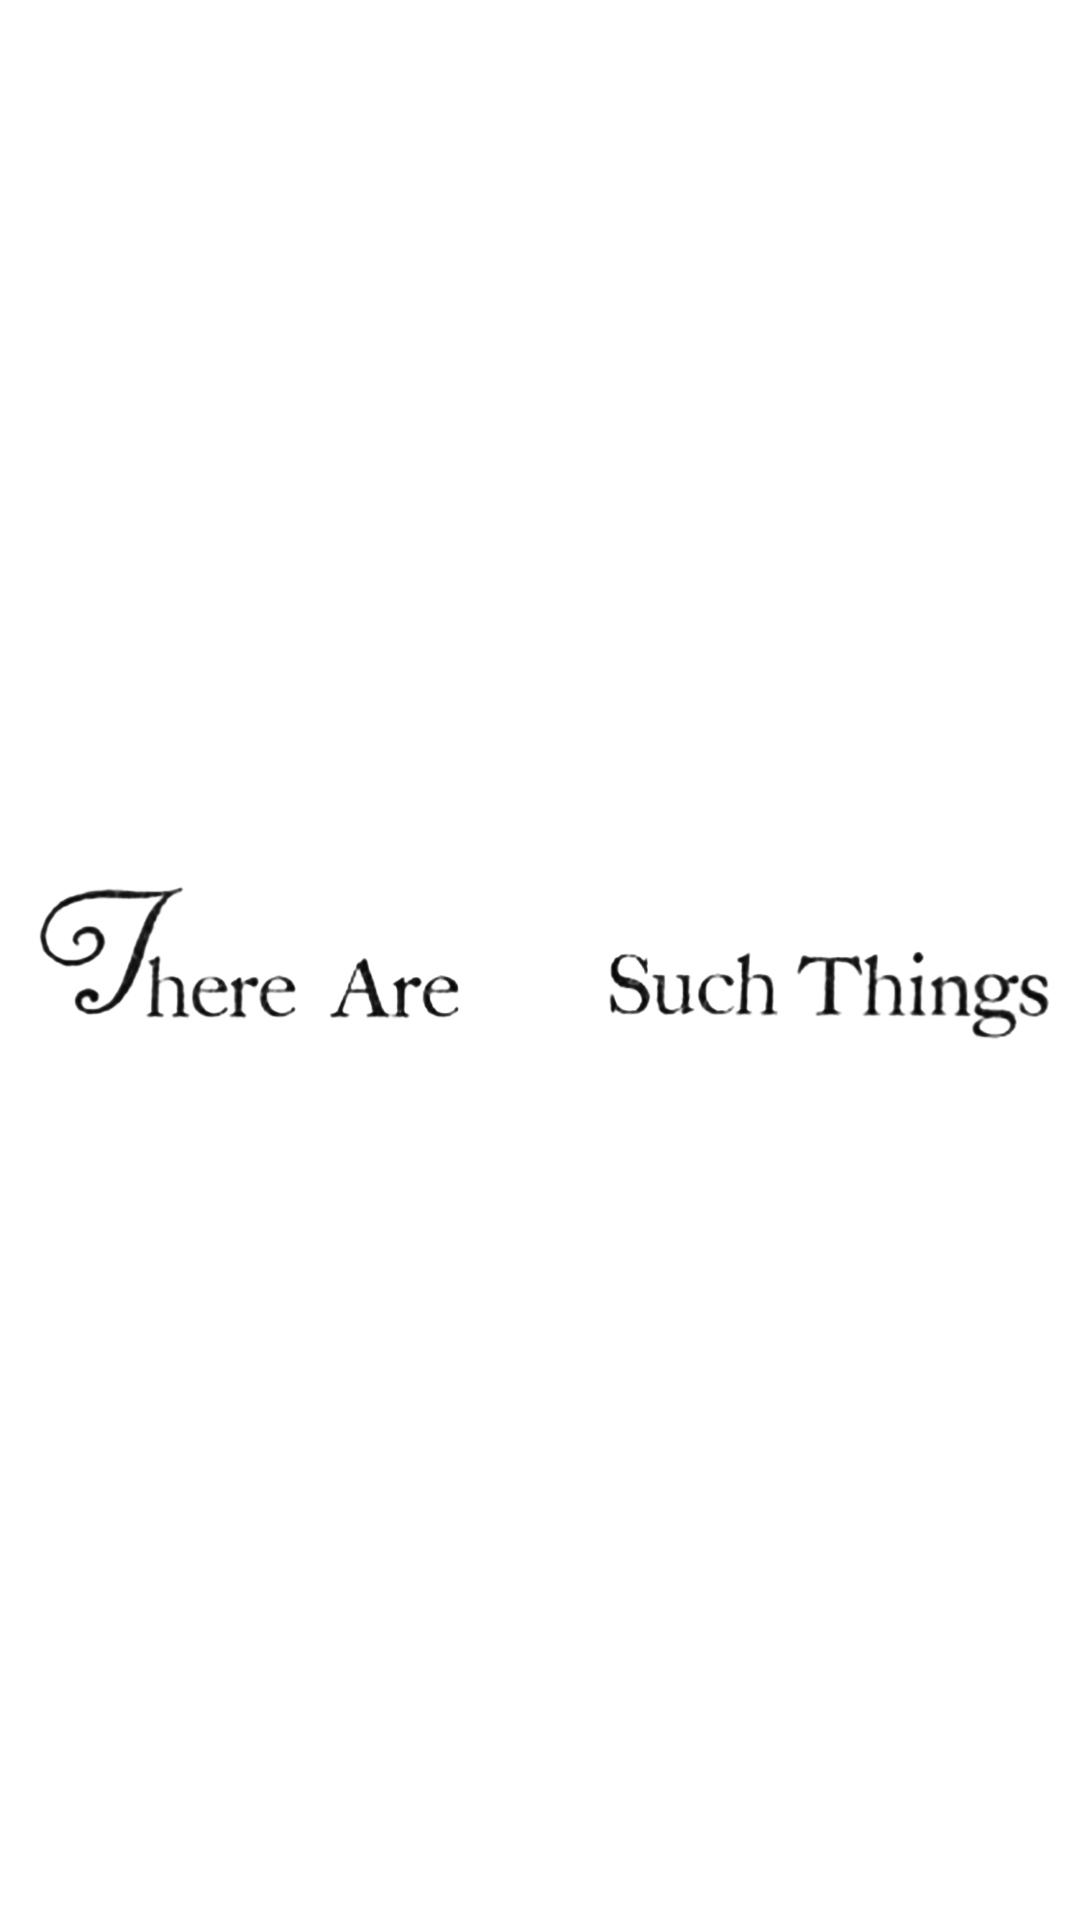 suchthings.jpg